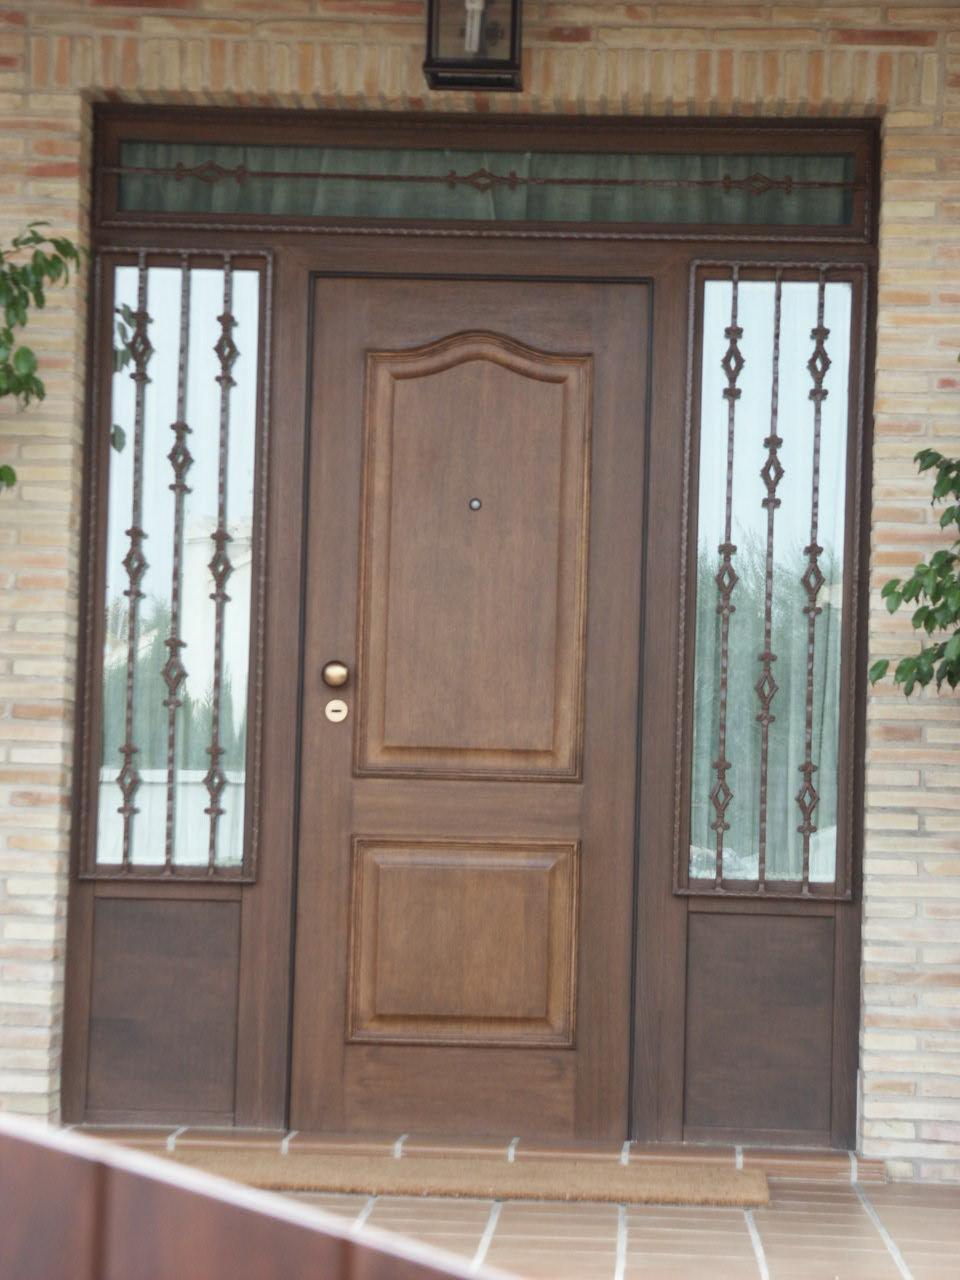 Galer a de fotos y ejemplos de puertas tecemur for Modelos de puertas principales para casas